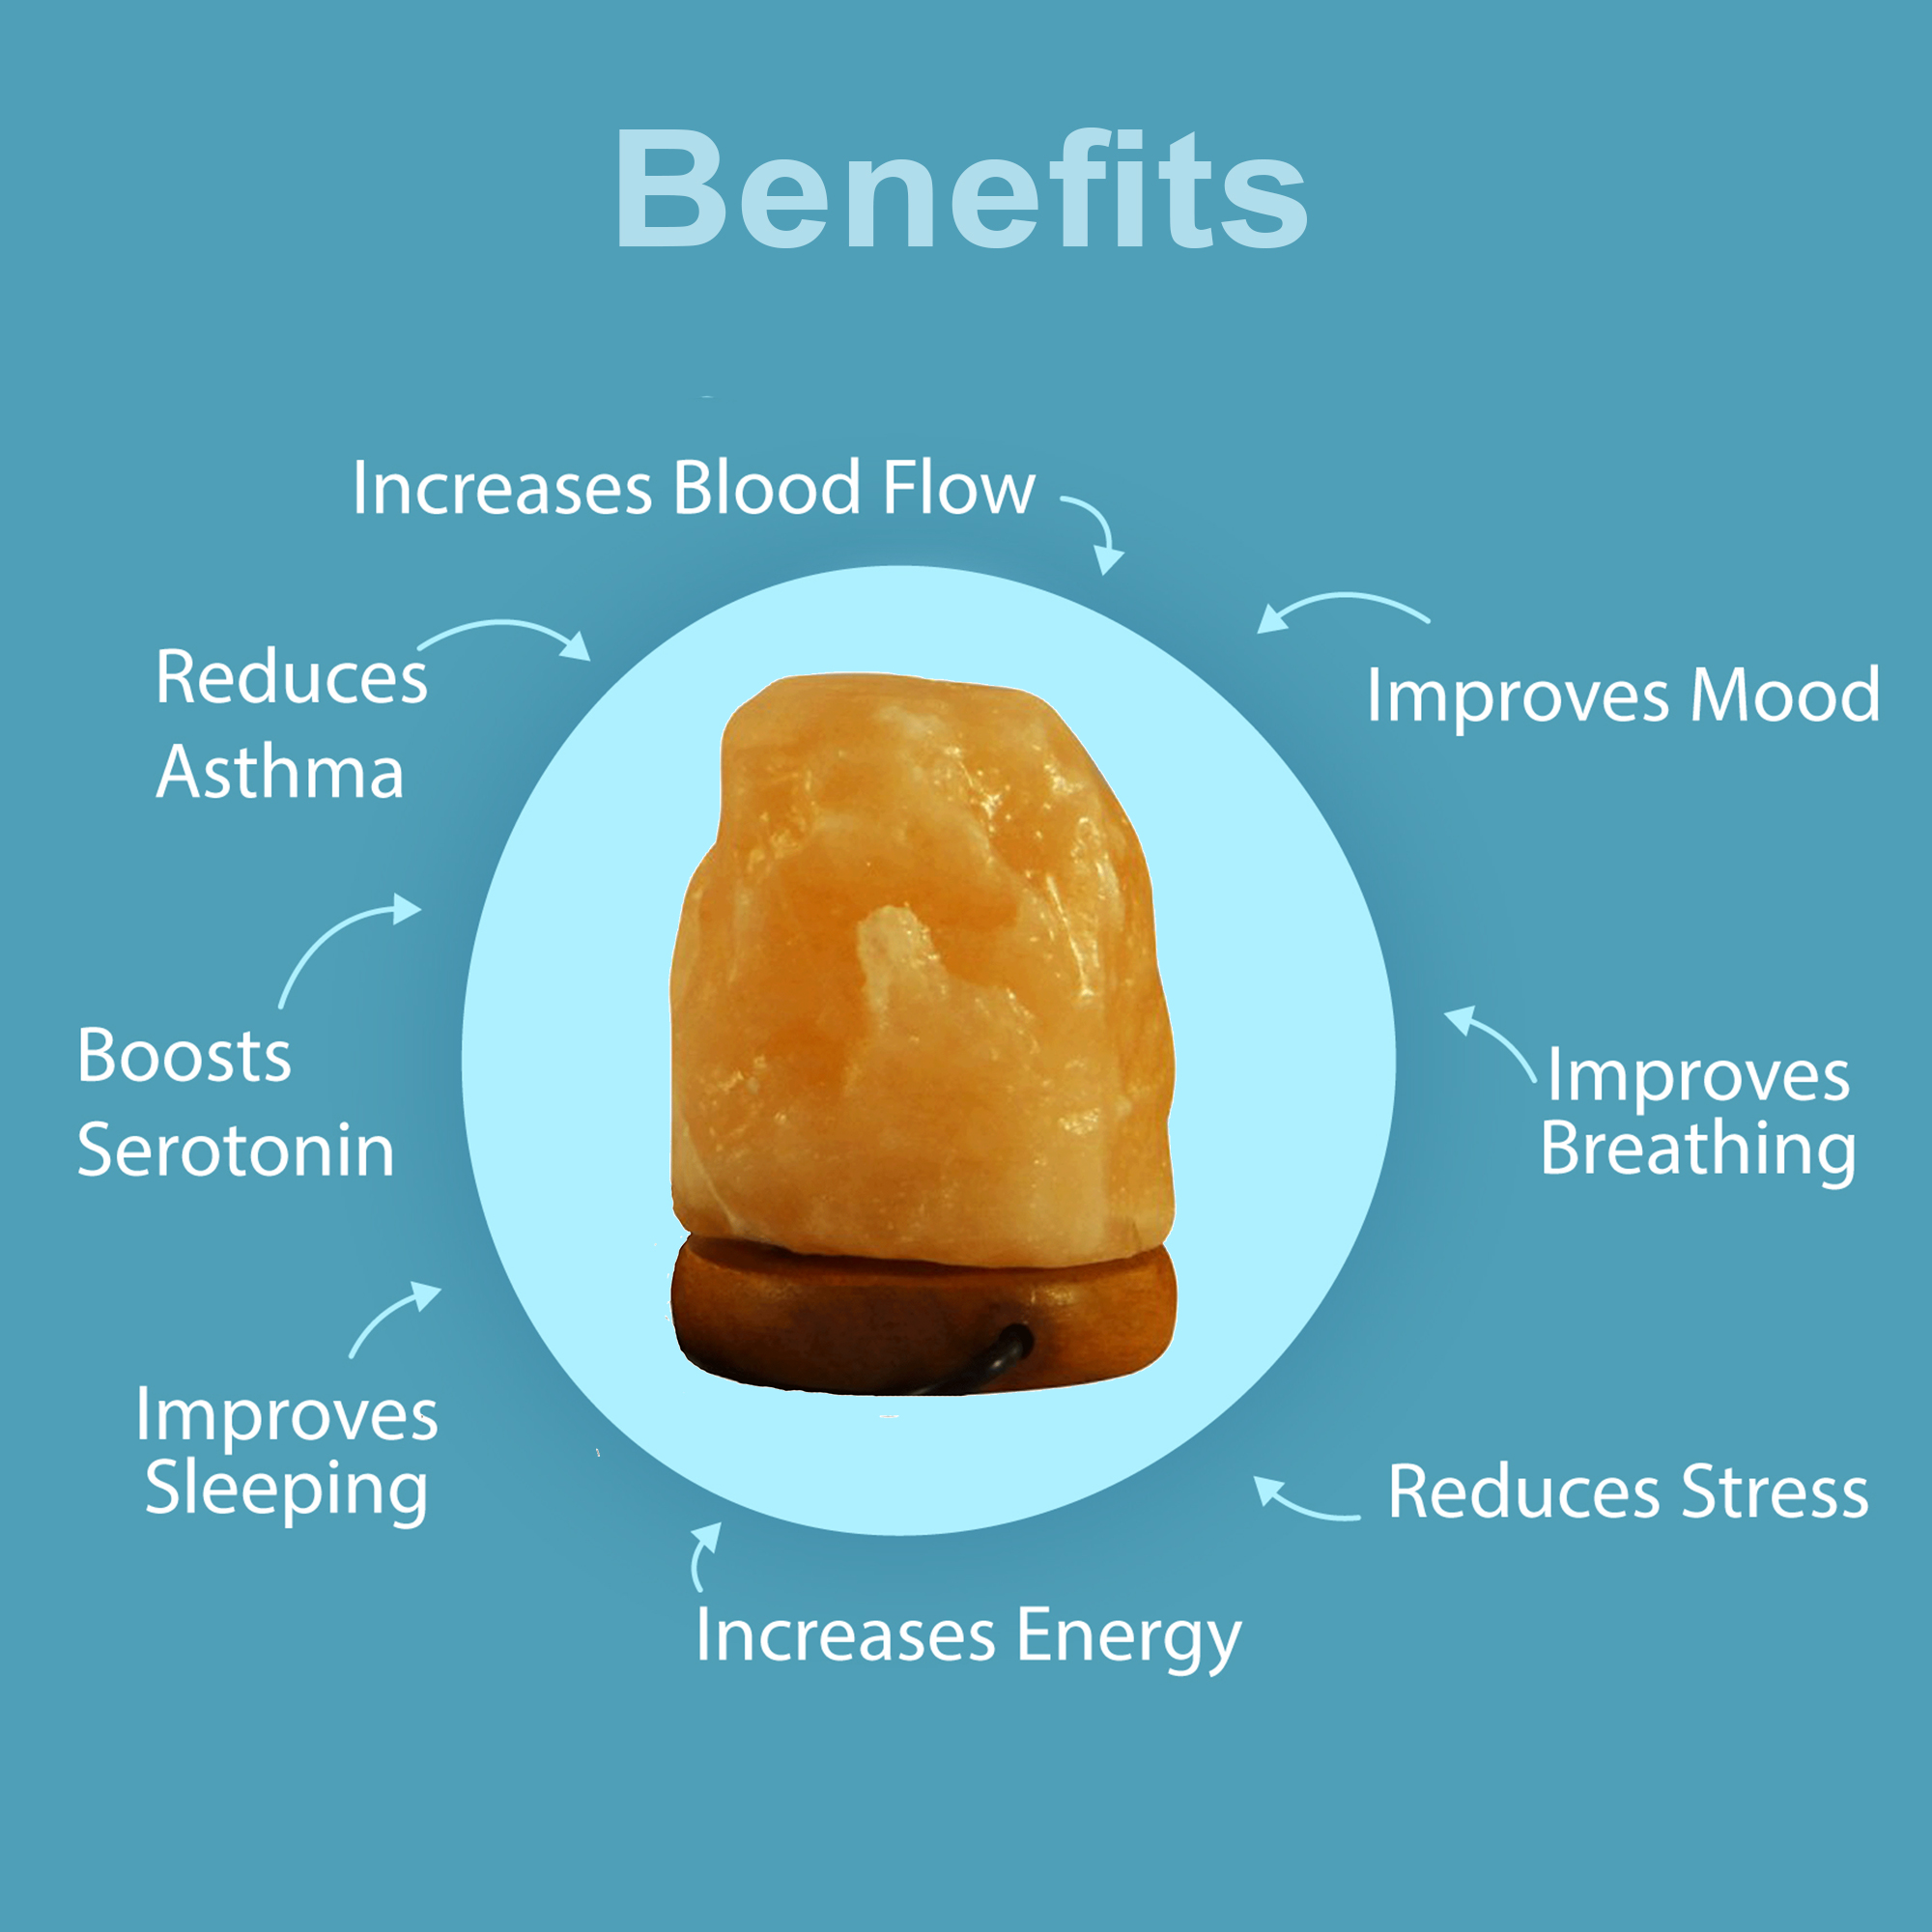 7 benefits 67 - Saltpur Himalayan Salts